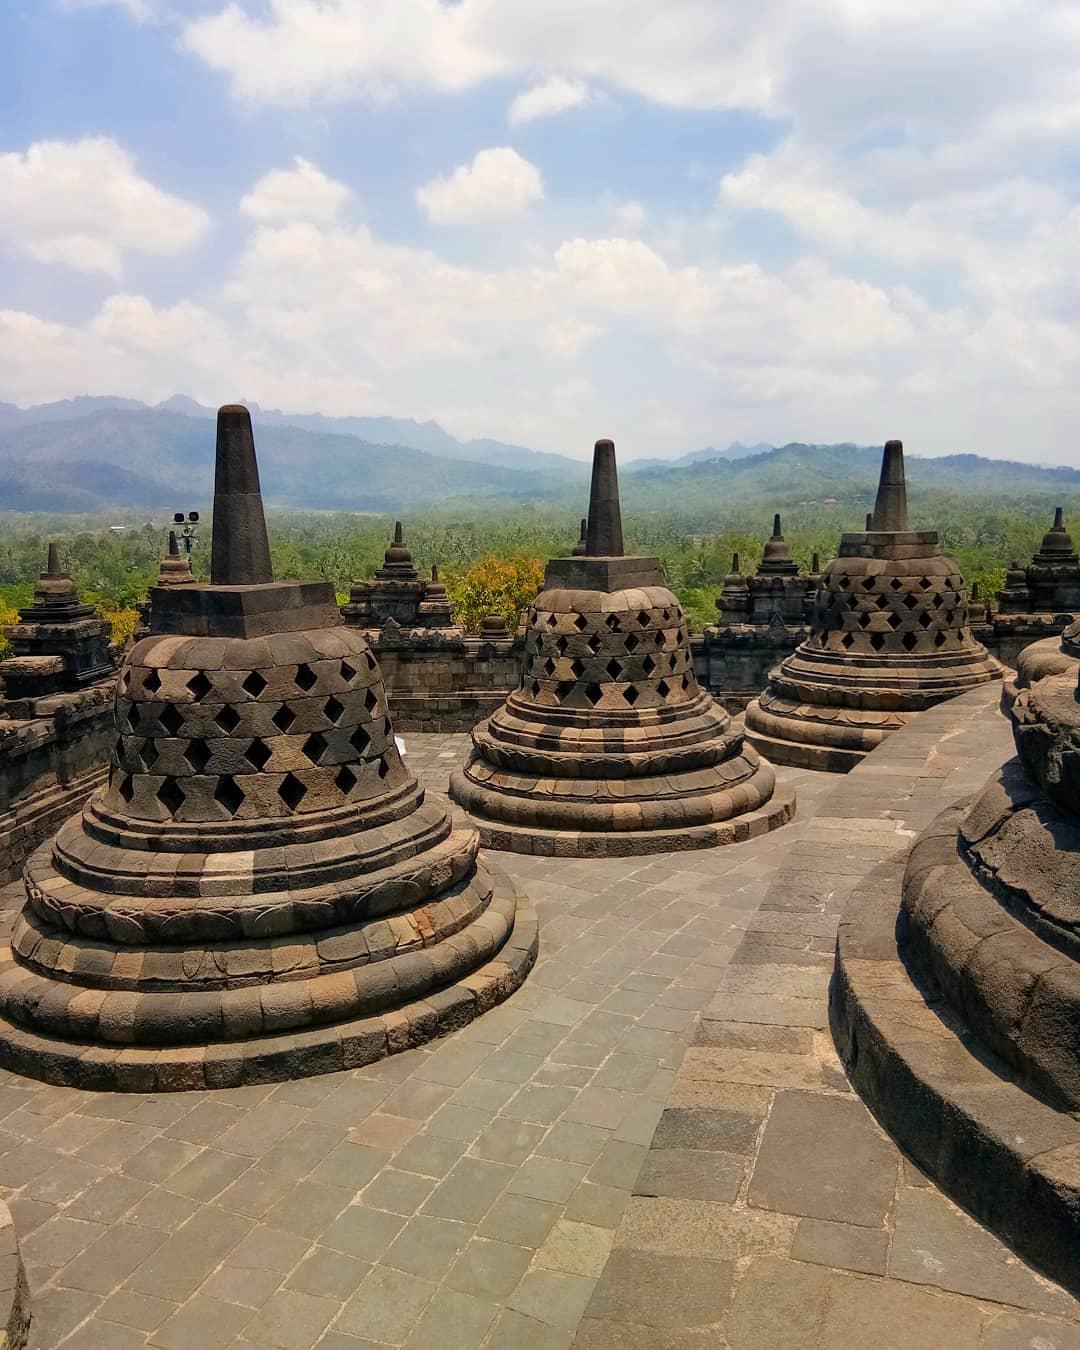 Đền Borobudur, Indonesia